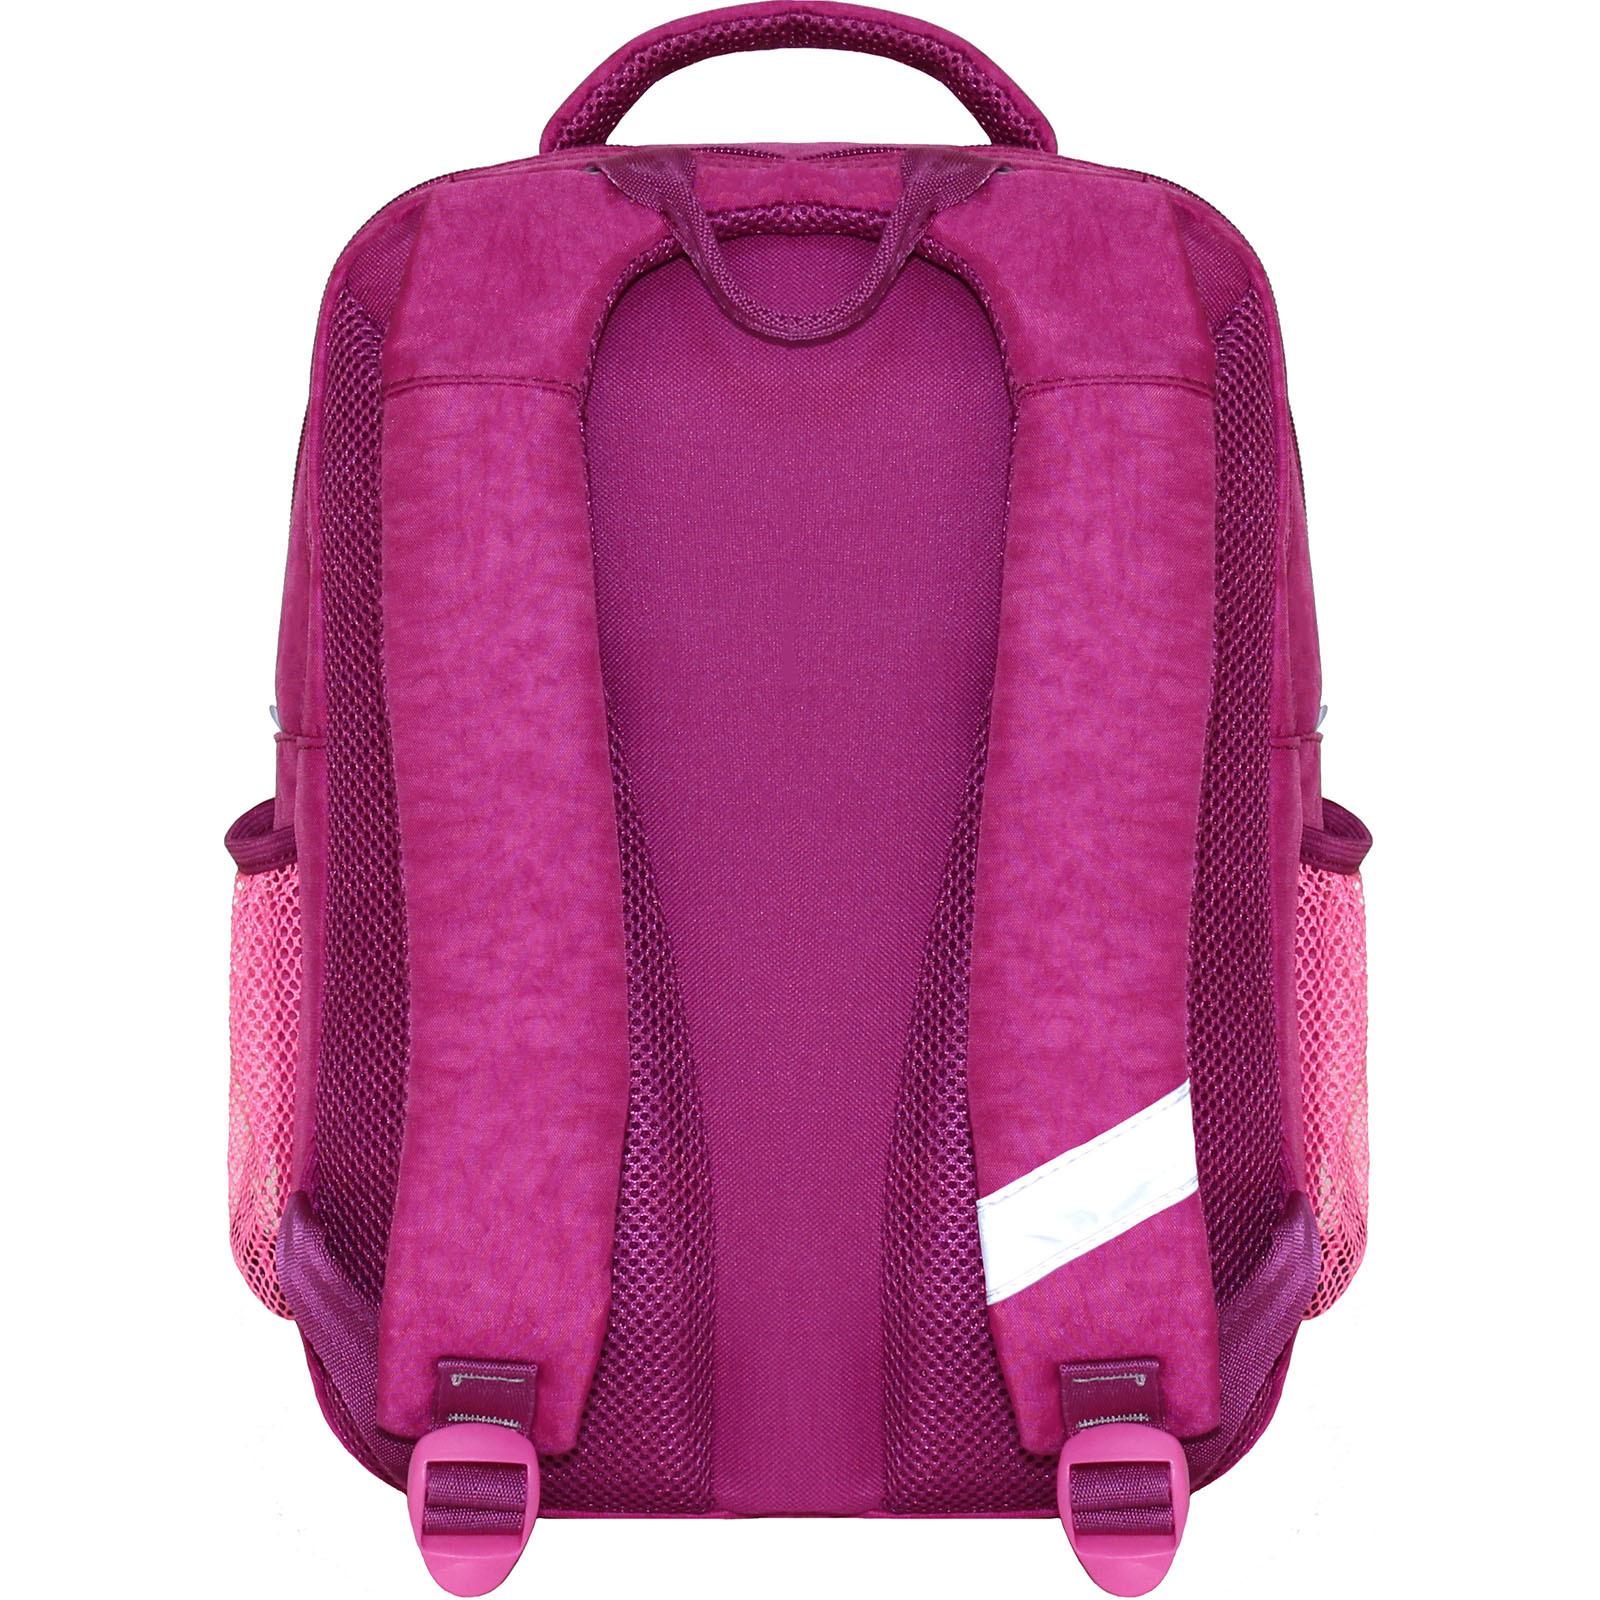 Рюкзак школьный Bagland Школьник 8 л. 143 малиновый 512 (0012870) фото 3